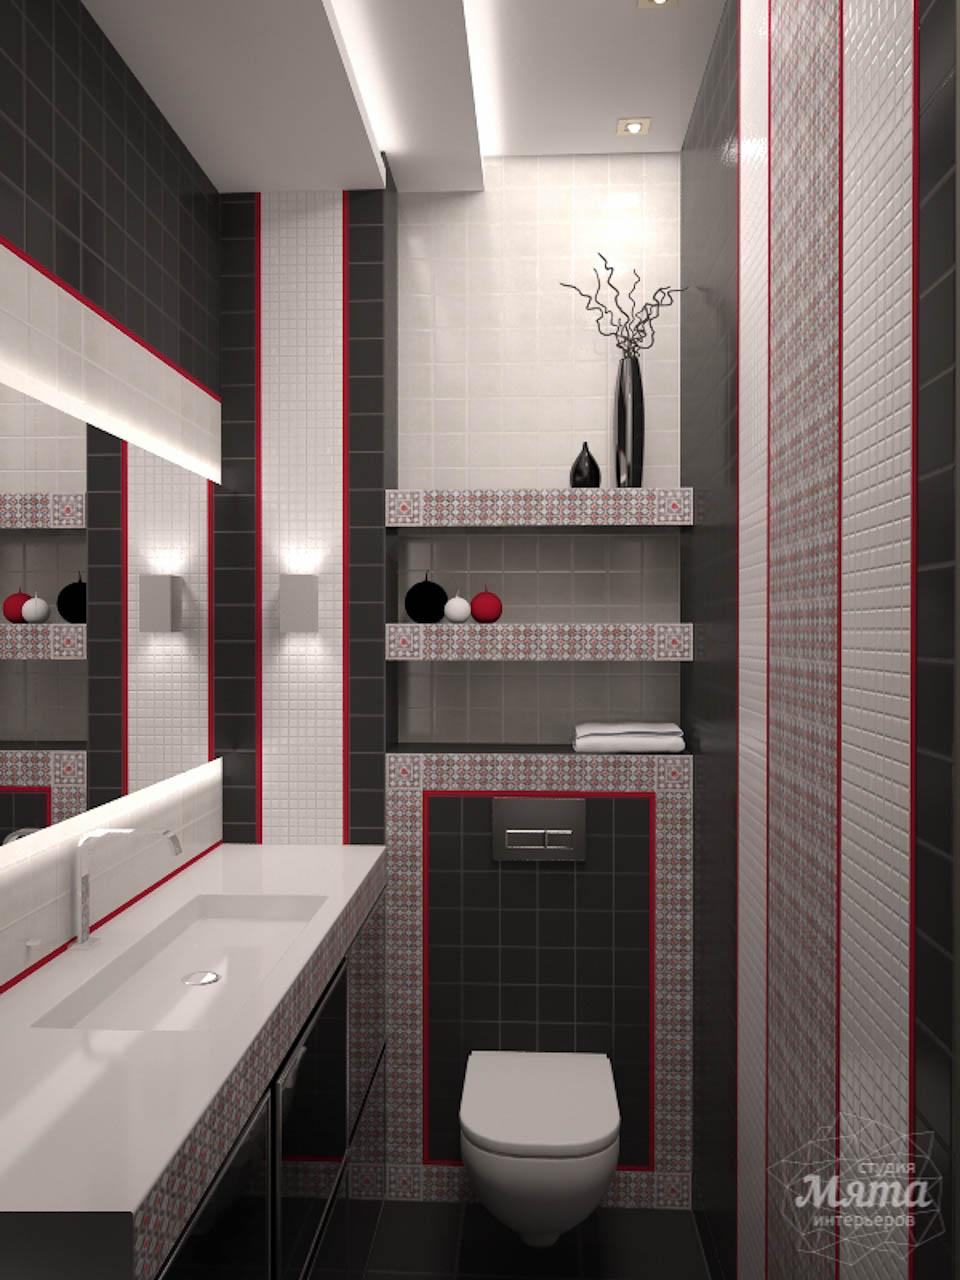 Дизайн интерьера трехкомнатной квартиры по ул. Папанина 18 img576247705